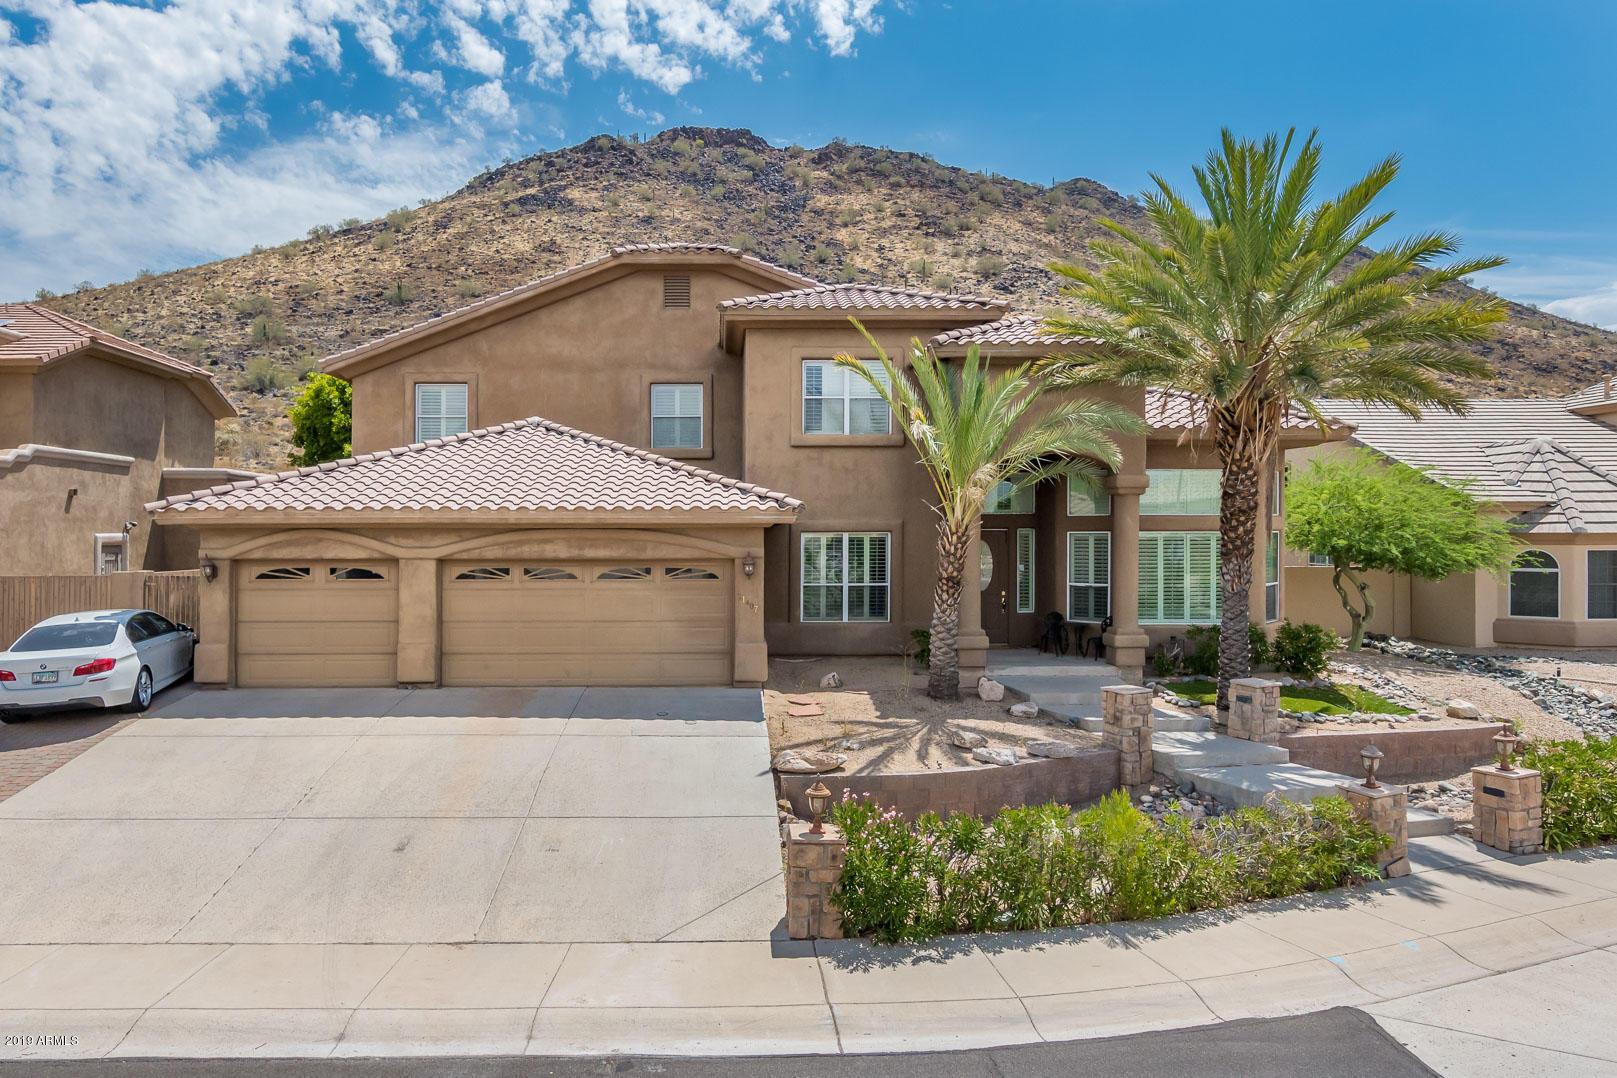 Photo of 21407 N 52ND Avenue, Glendale, AZ 85308